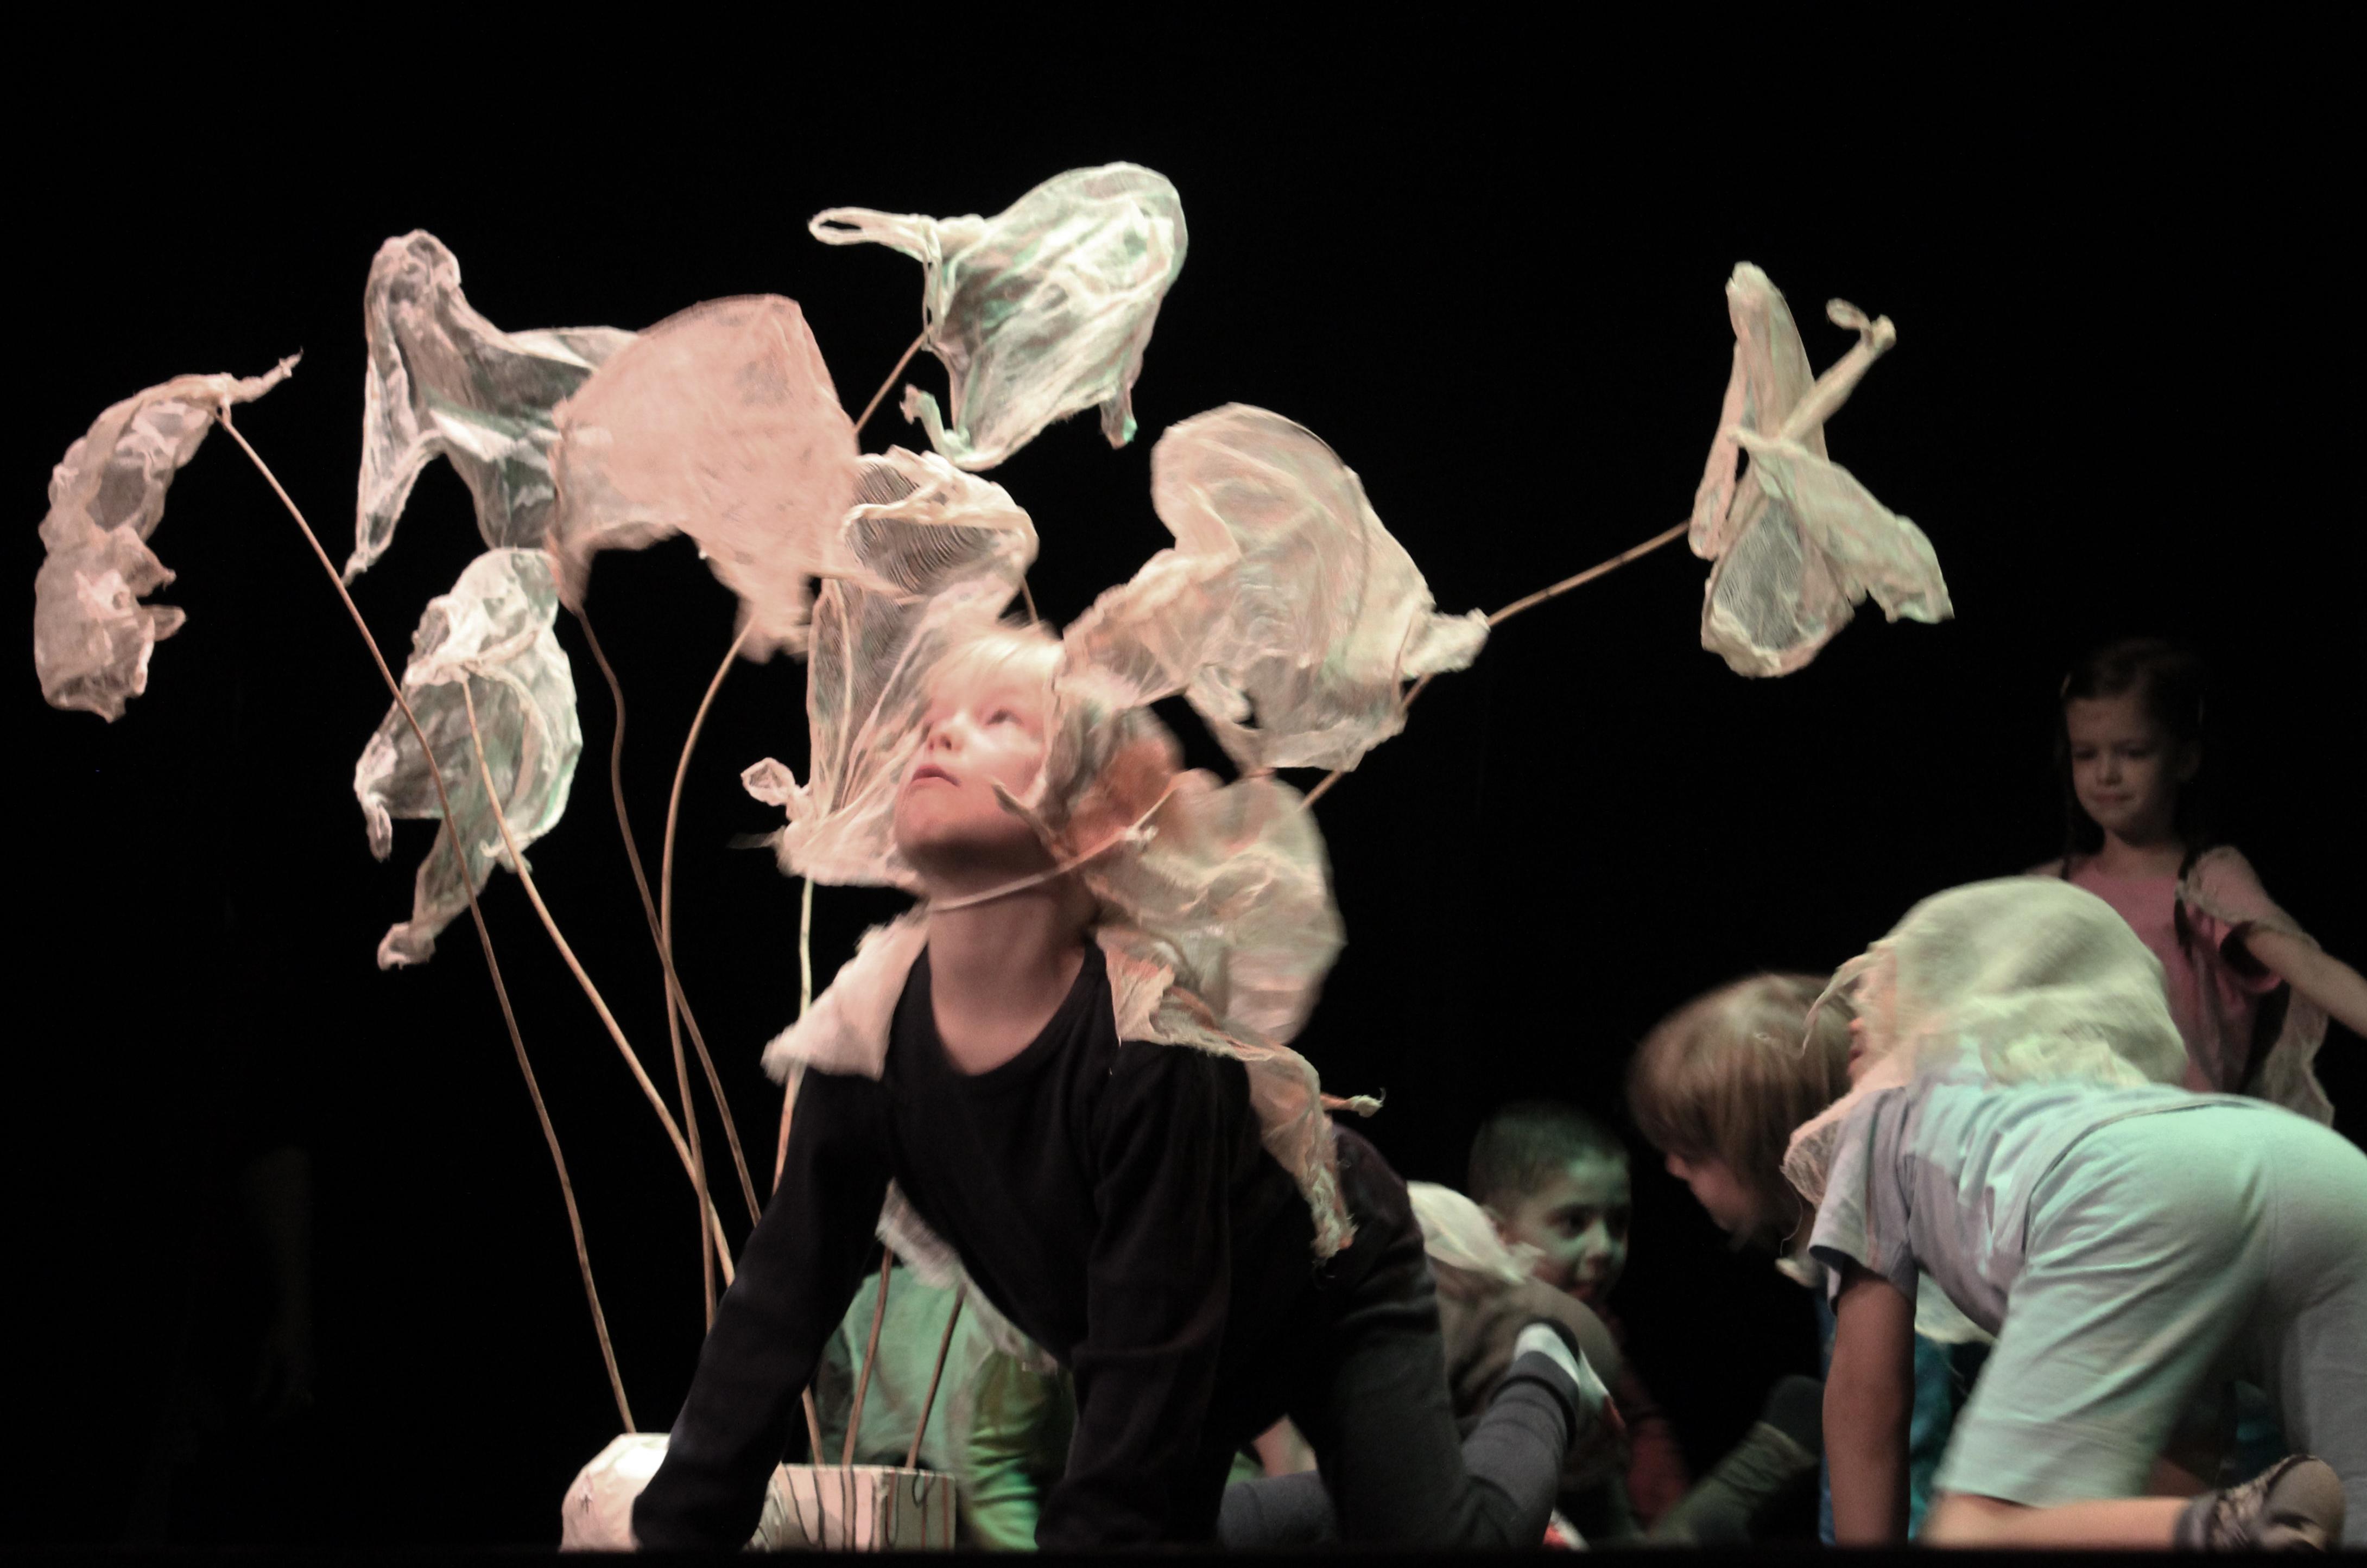 Ein etwa siebenjähriges Mädchen mit schwarzer Kleidung kniet im Vierfüßlerstand auf der Bühne und schaut nach oben. Um sie herum sind etwa zehn gebogene Stäbe abgebildet, an denen in verschiedenen Formen flatternde Plastiktüten bzw. Teile davon angebracht sind. Im Hintergrund des dunklen Raumes sind weitere knieende Kinder zu sehen.